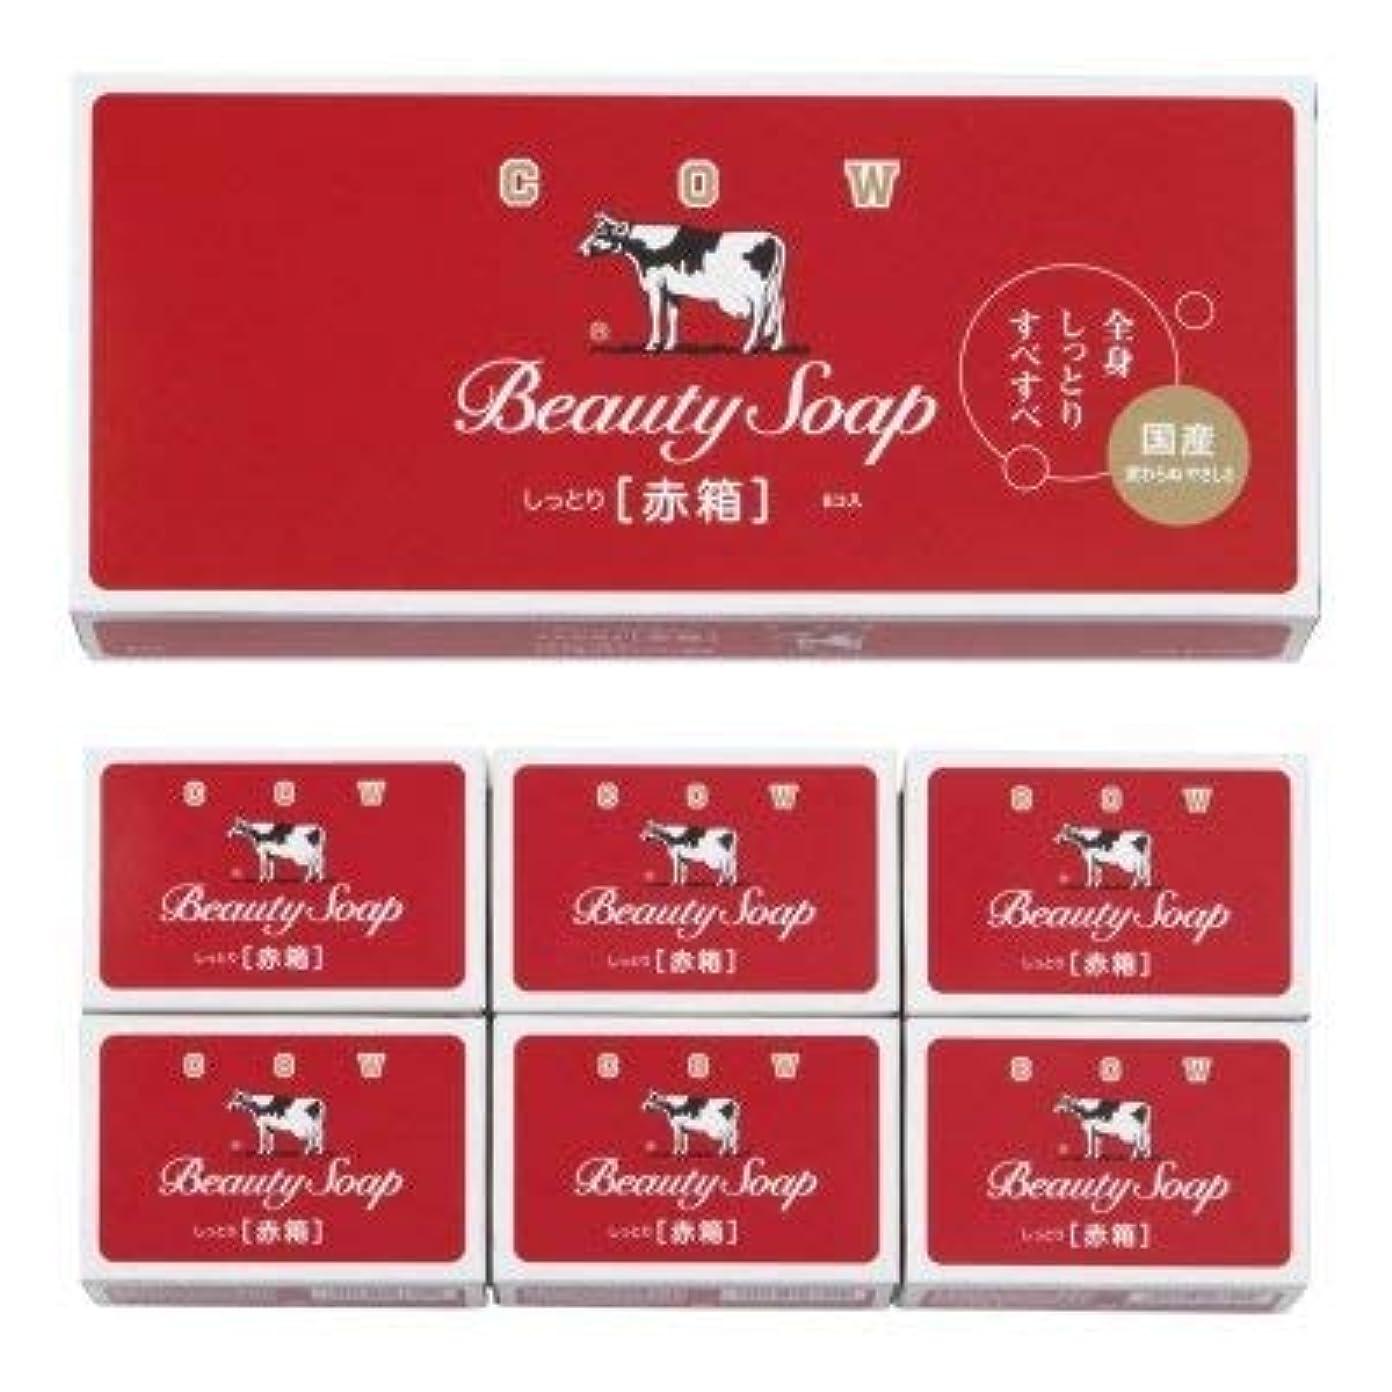 シマウマ回転ホーン【国産】牛乳石鹸 カウブランド 赤箱6コ入 (12個1セット)